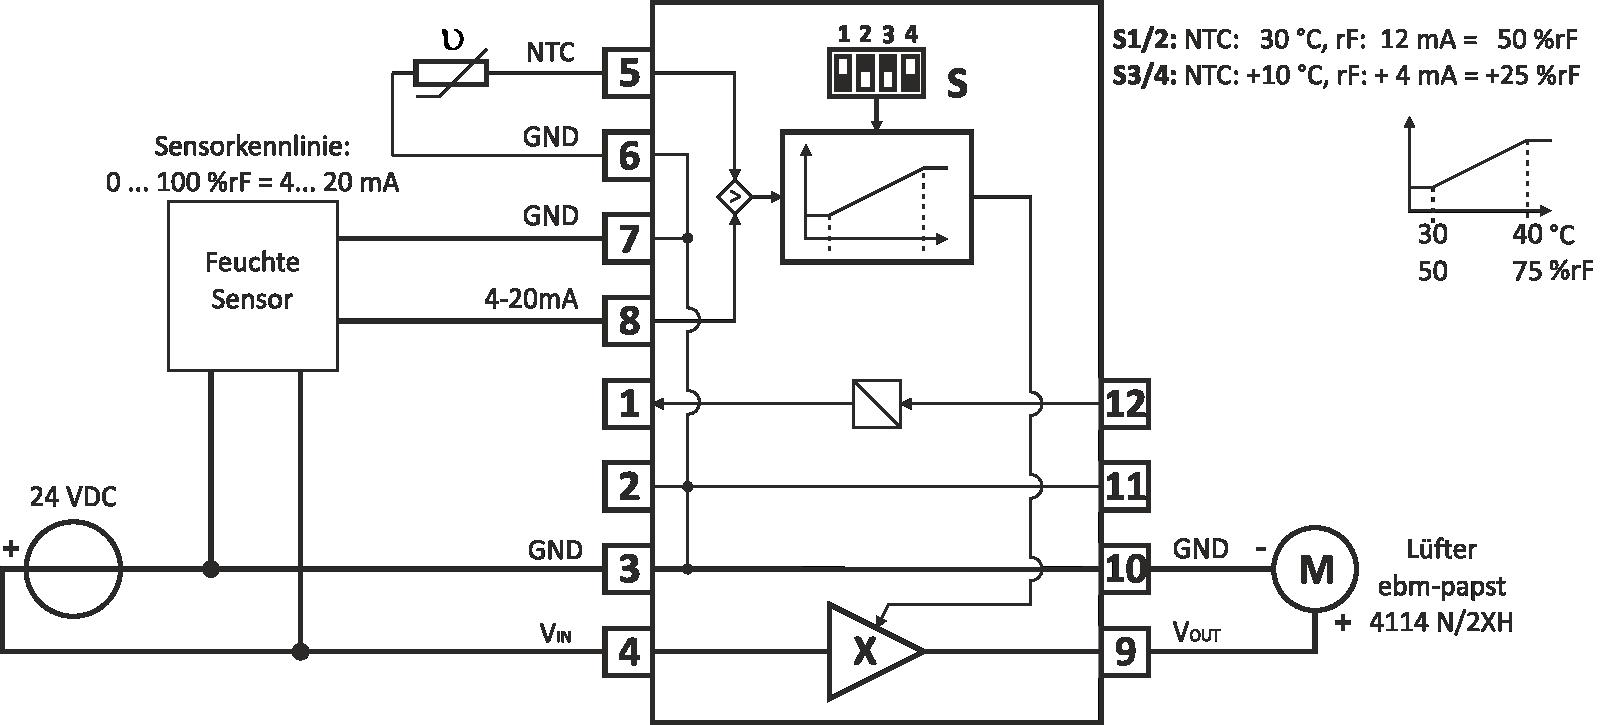 Anwendung als temperatur- (NTC-Sensor) und feuchtegeführte (rF-Sensor) Drehzahlsteuerung